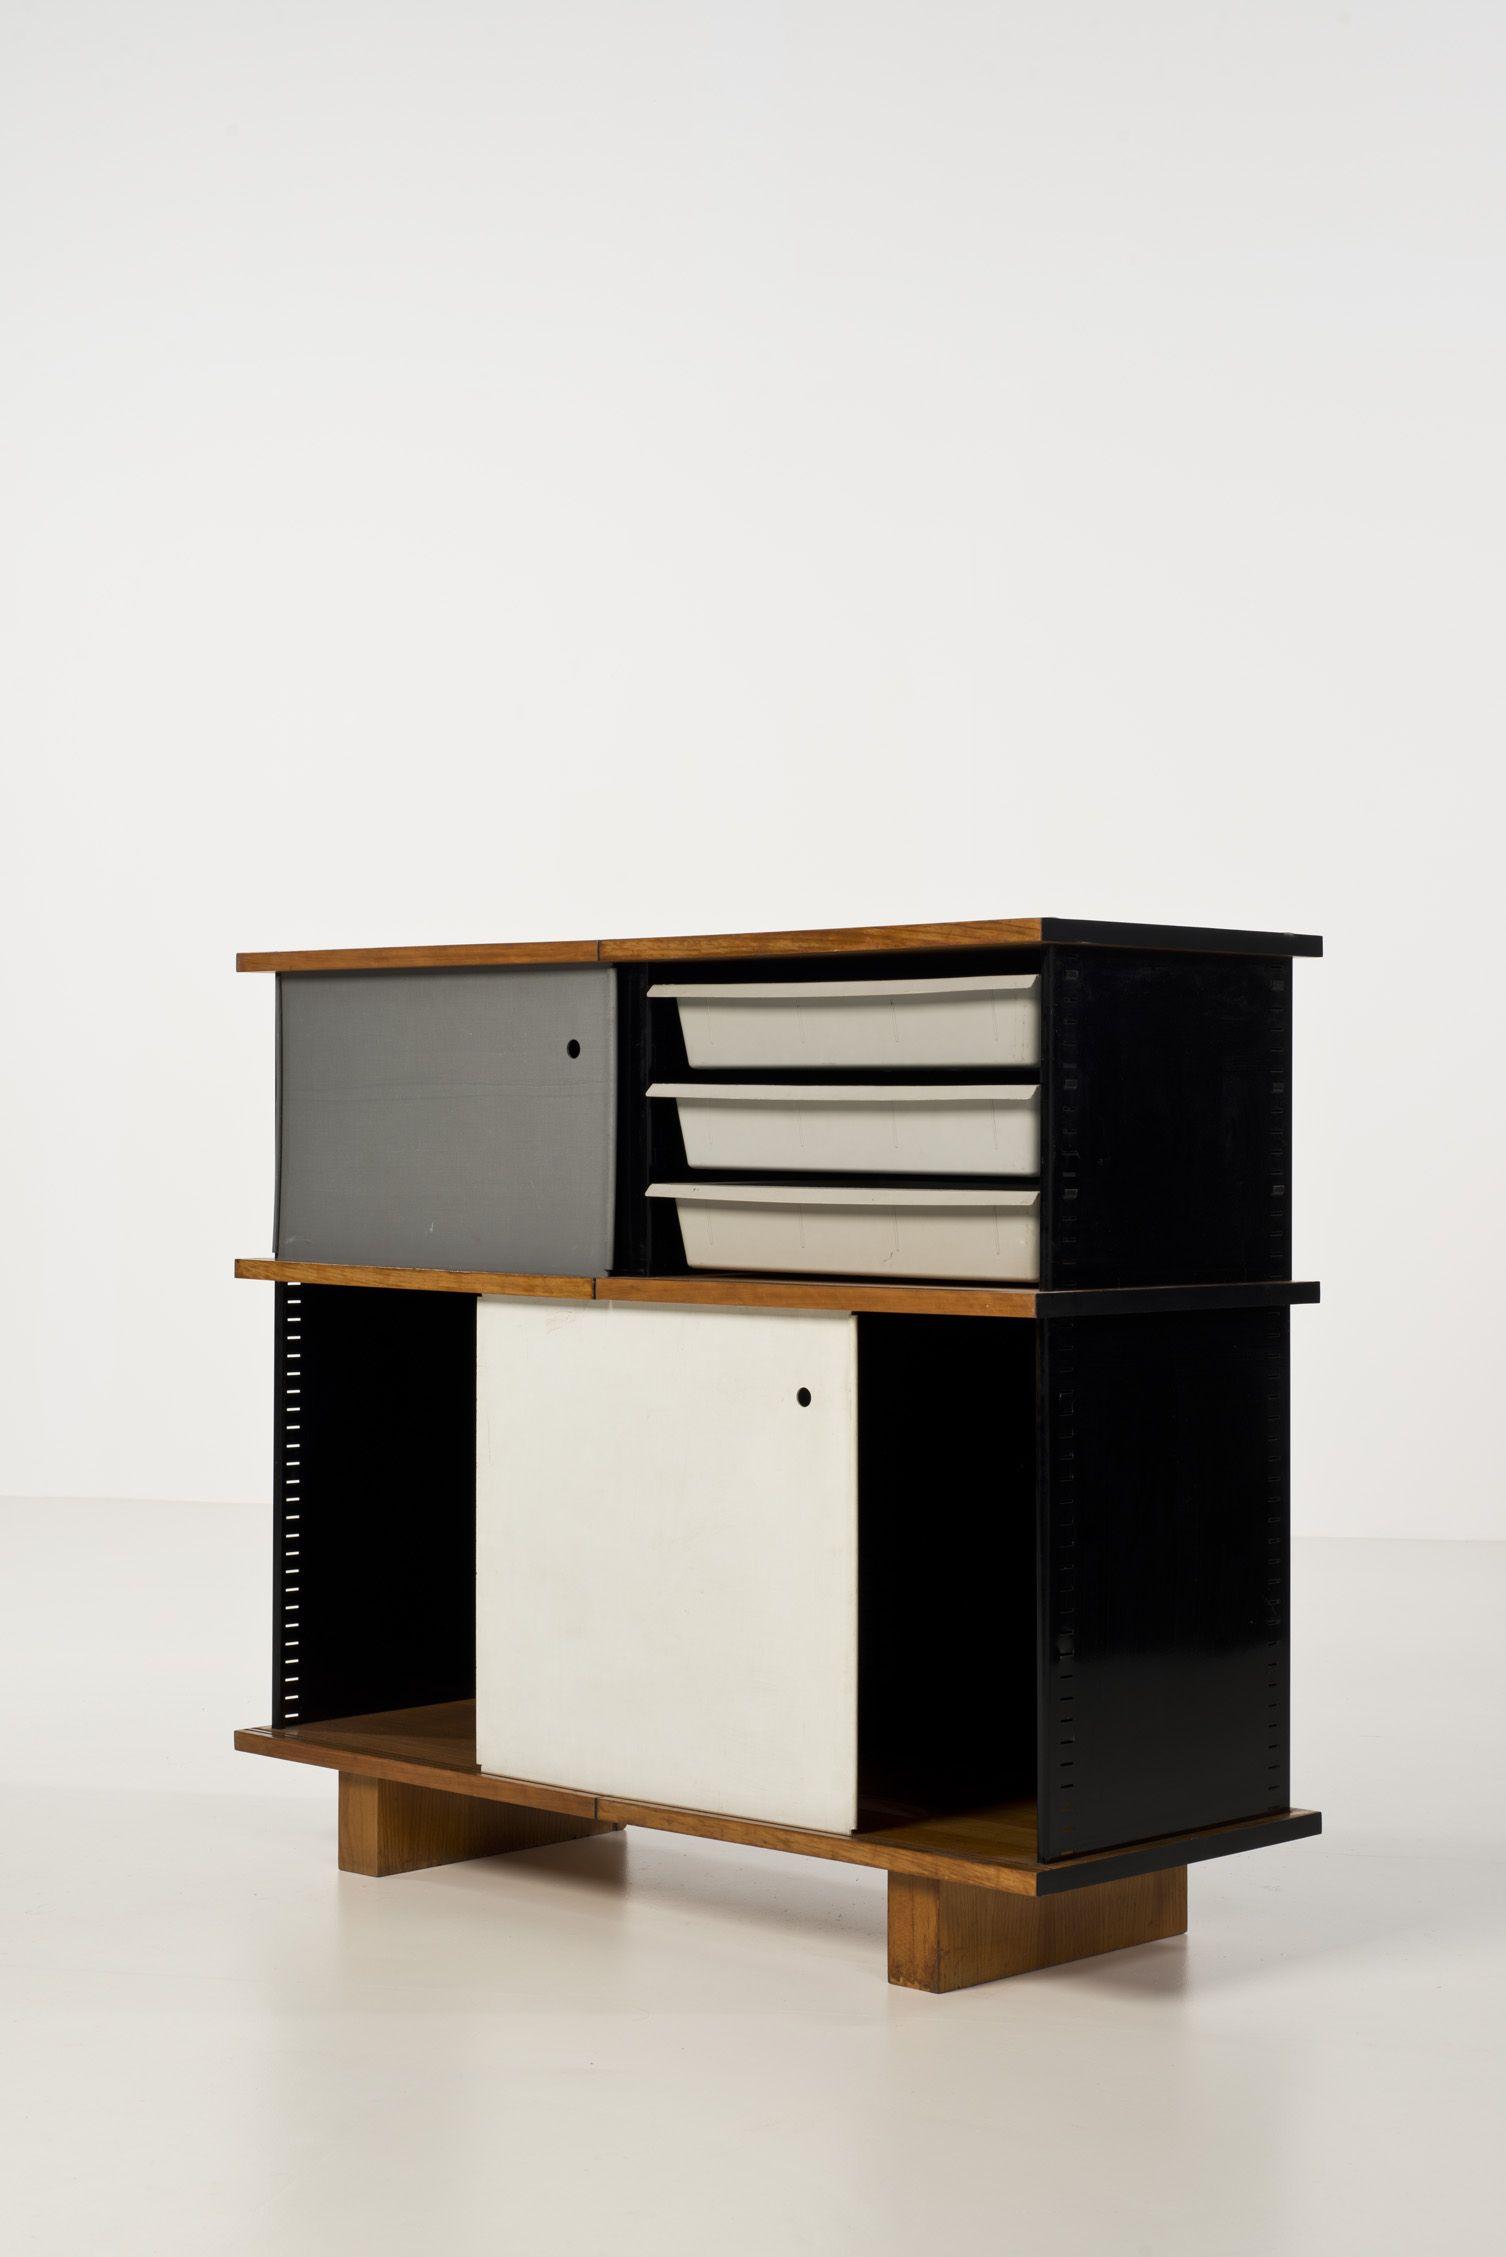 charlotte perriand 1903 1999 bahut deux caissons fr ne t le d acier laqu polyester. Black Bedroom Furniture Sets. Home Design Ideas